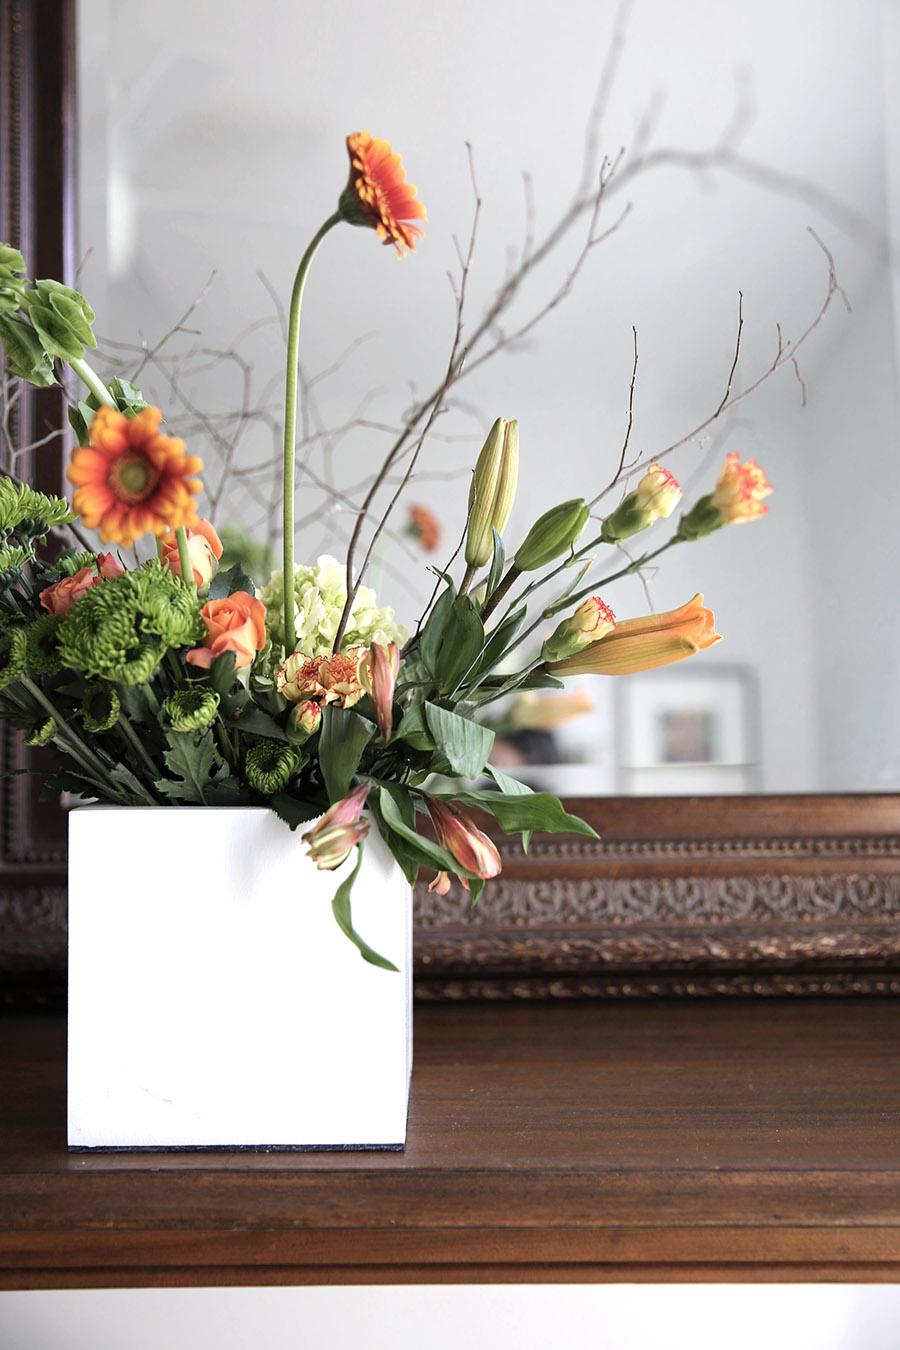 Grocery Store Flowers 11.jpg